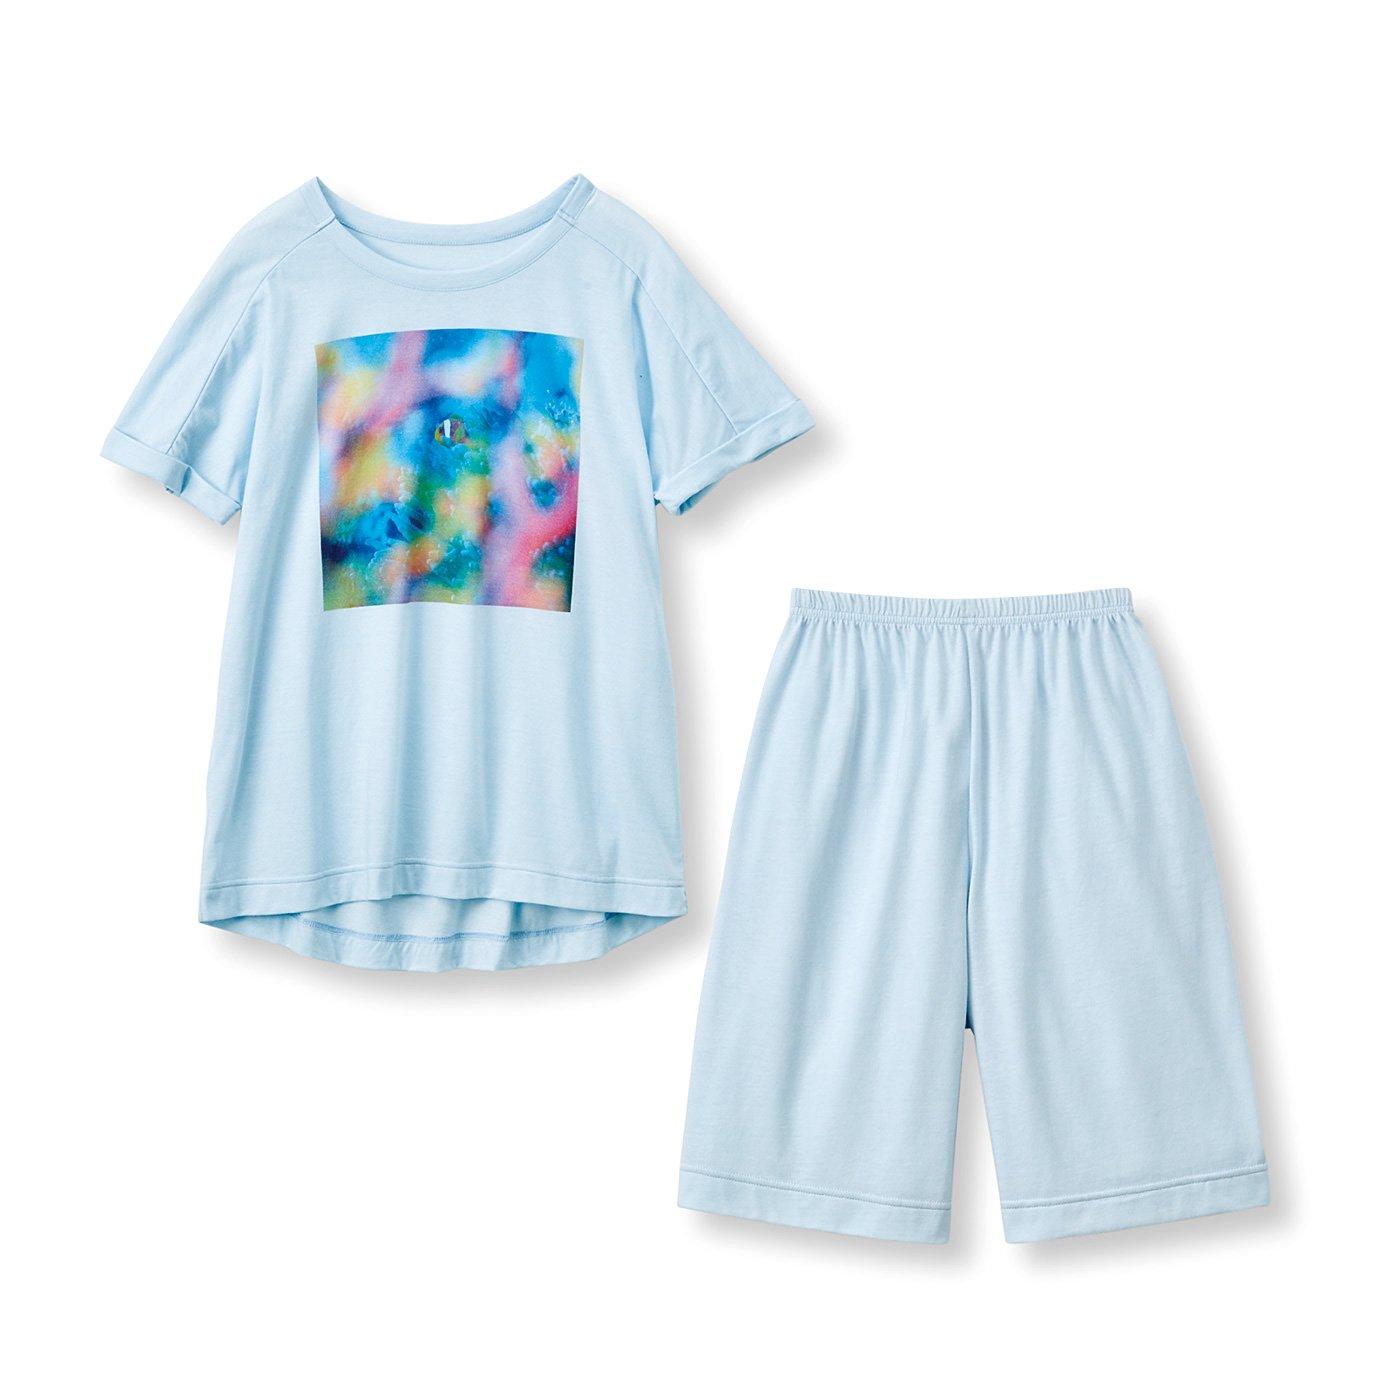 frauglatt×海とかもめ部 さらり快適海中の世界をまとう しあわせTシャツ&ショートパンツセット〈オーシャンブルー〉